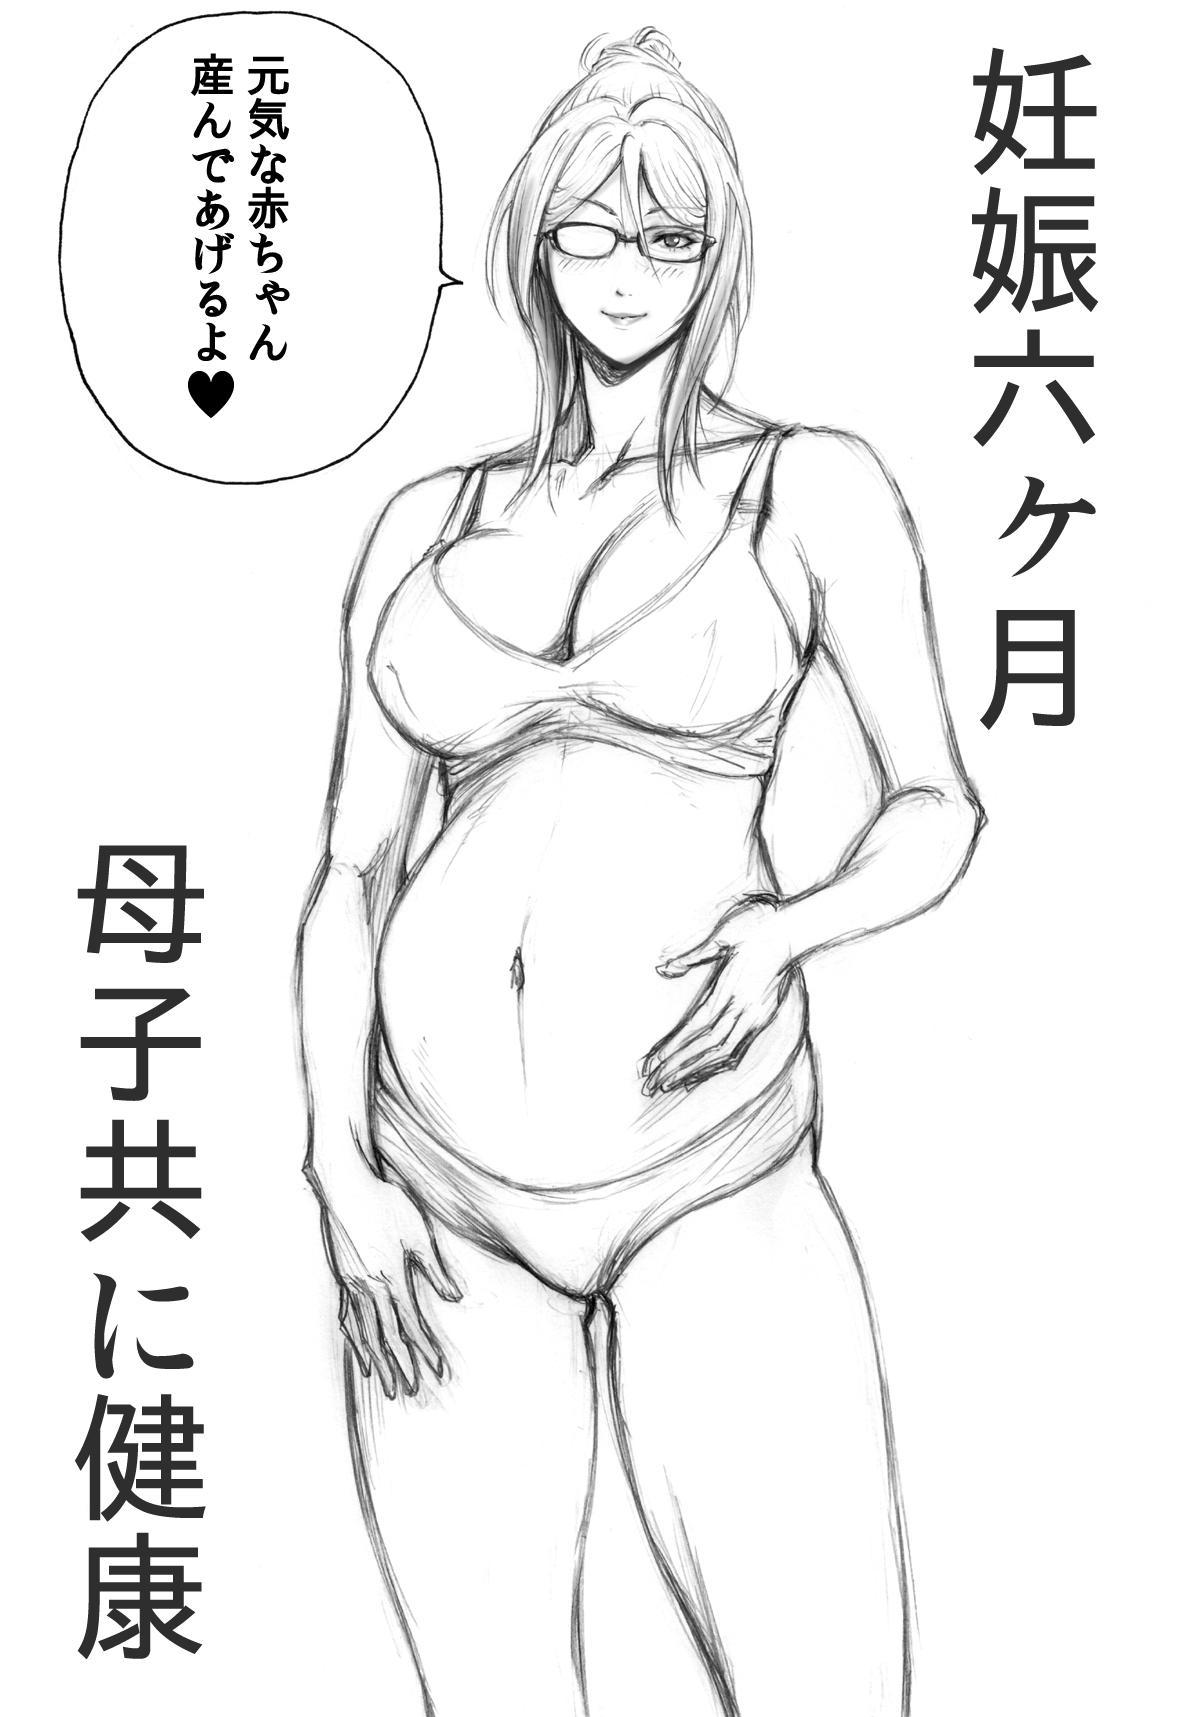 [DT Koubou (DAIGO)] S-kke Mama no Kibishii Kozukuri Seikyouiku - Epilogue 24